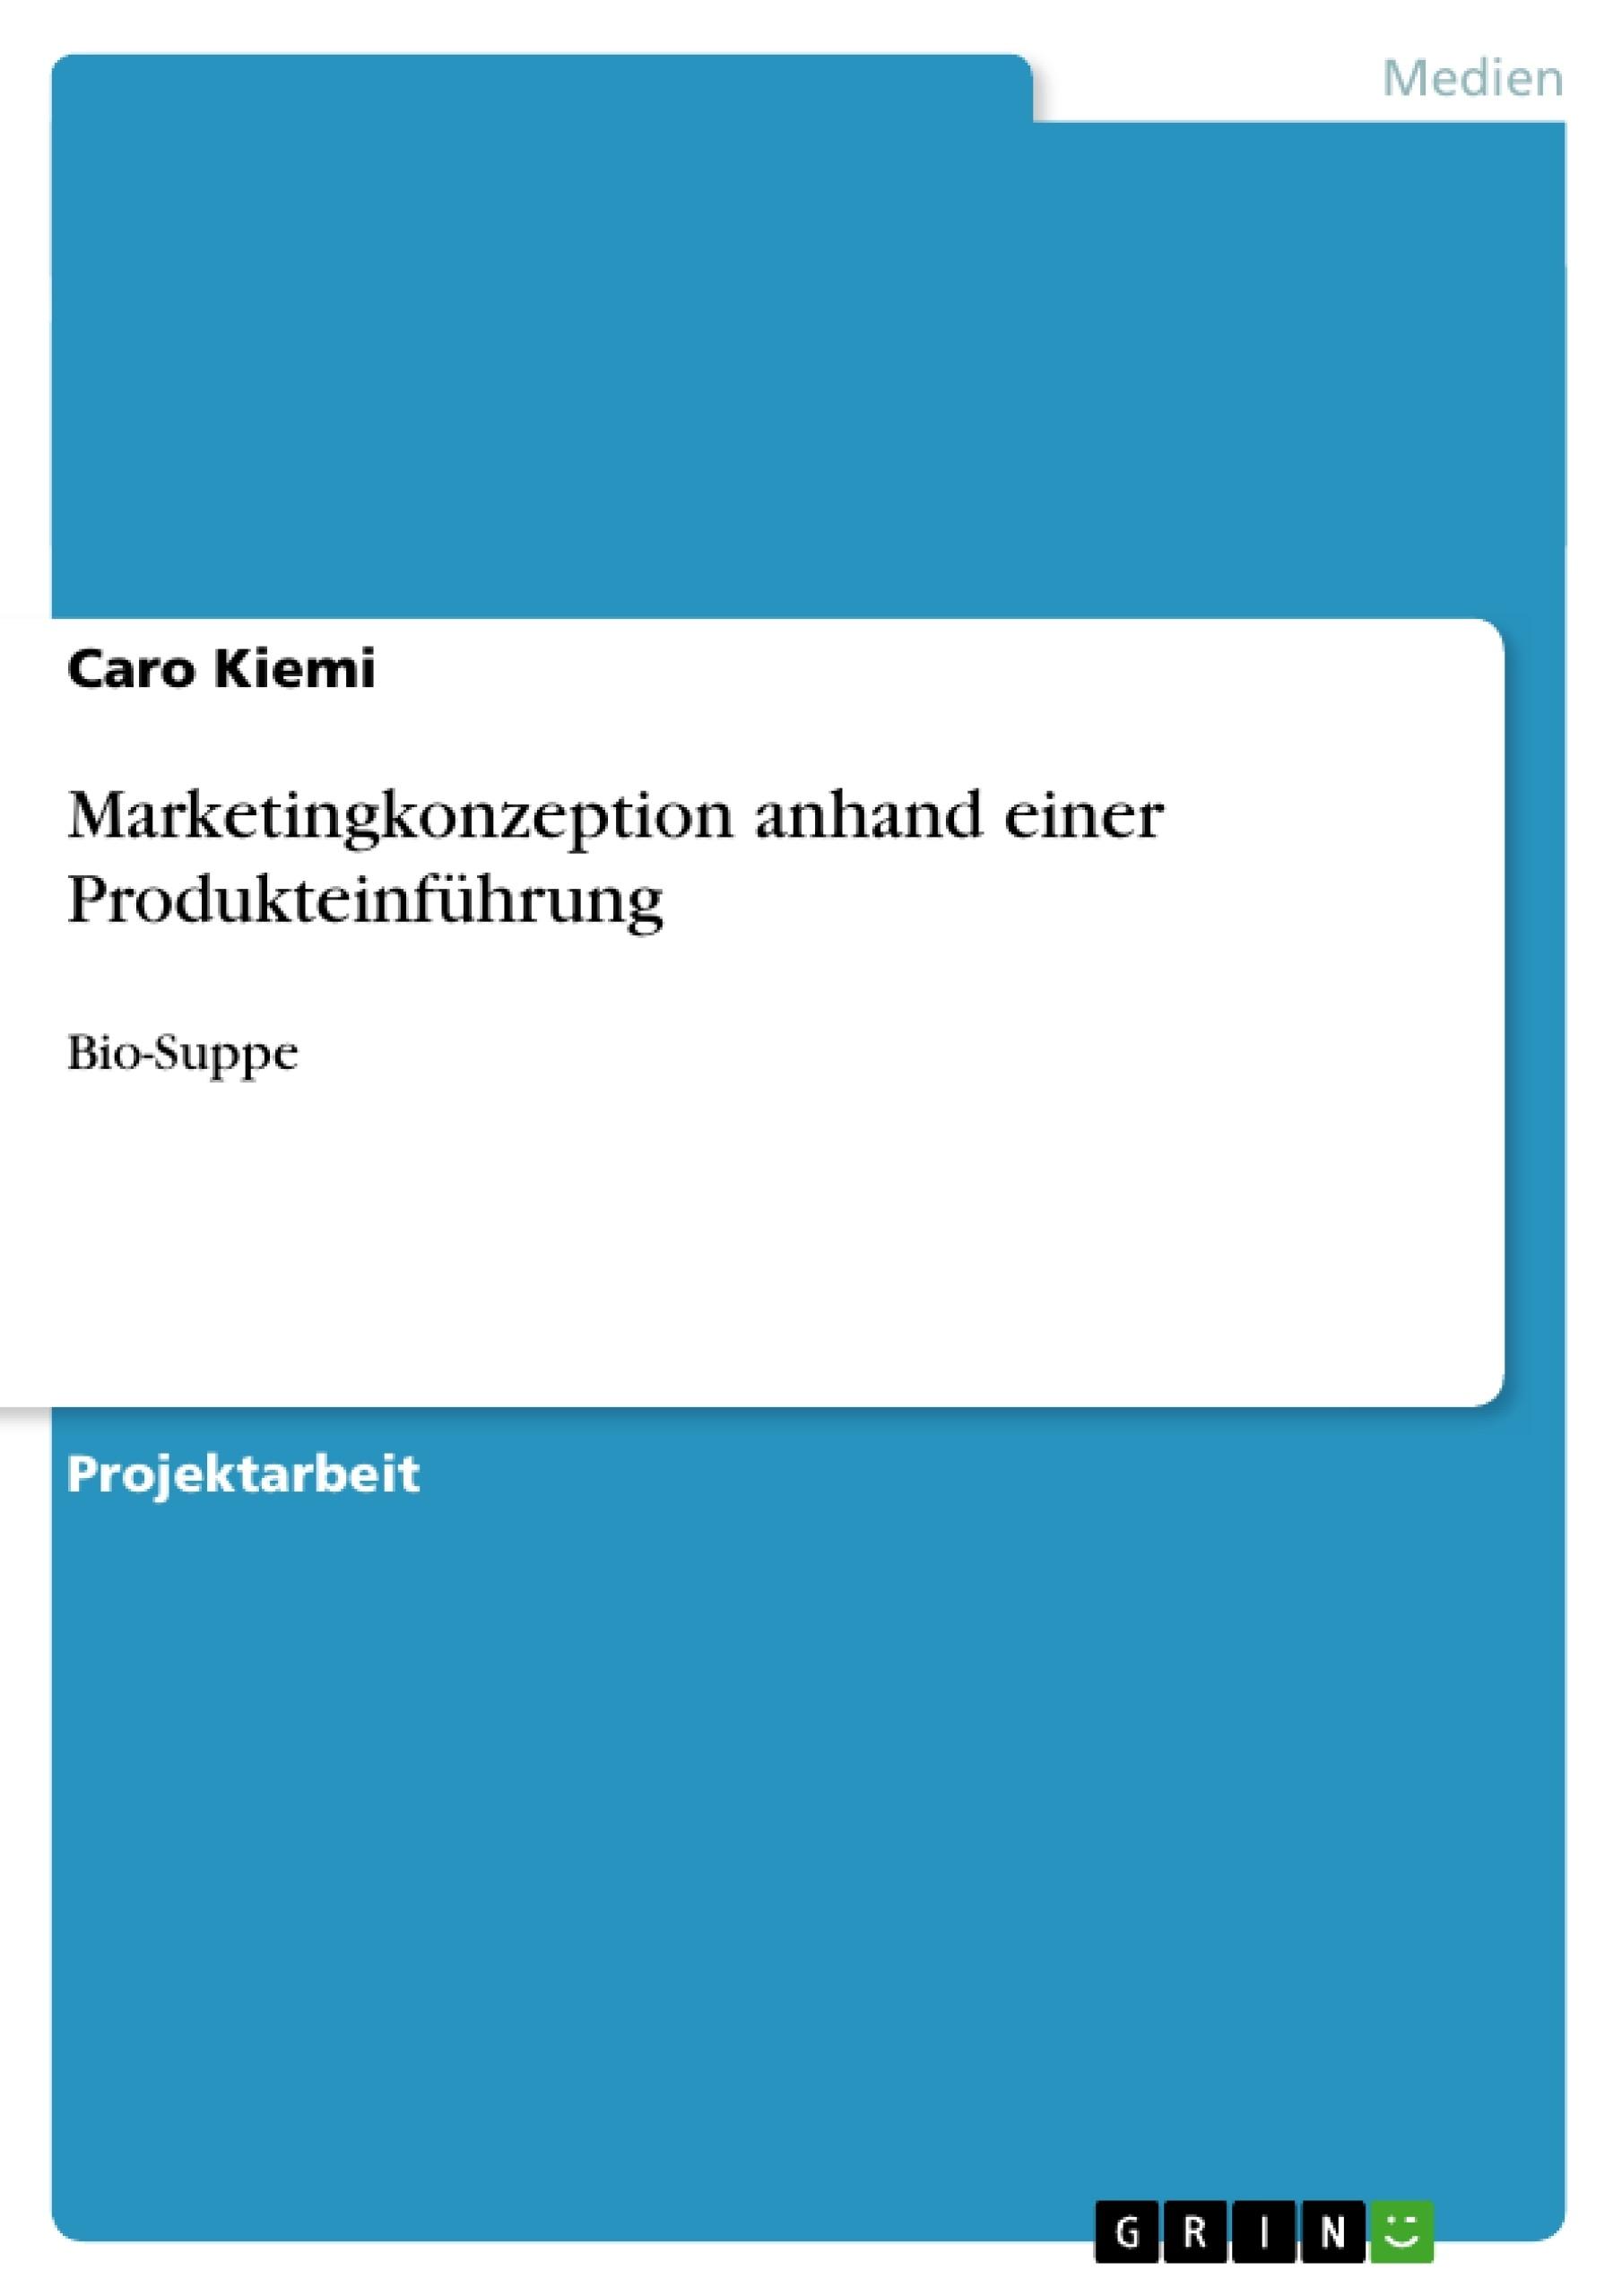 Titel: Marketingkonzeption anhand einer Produkteinführung